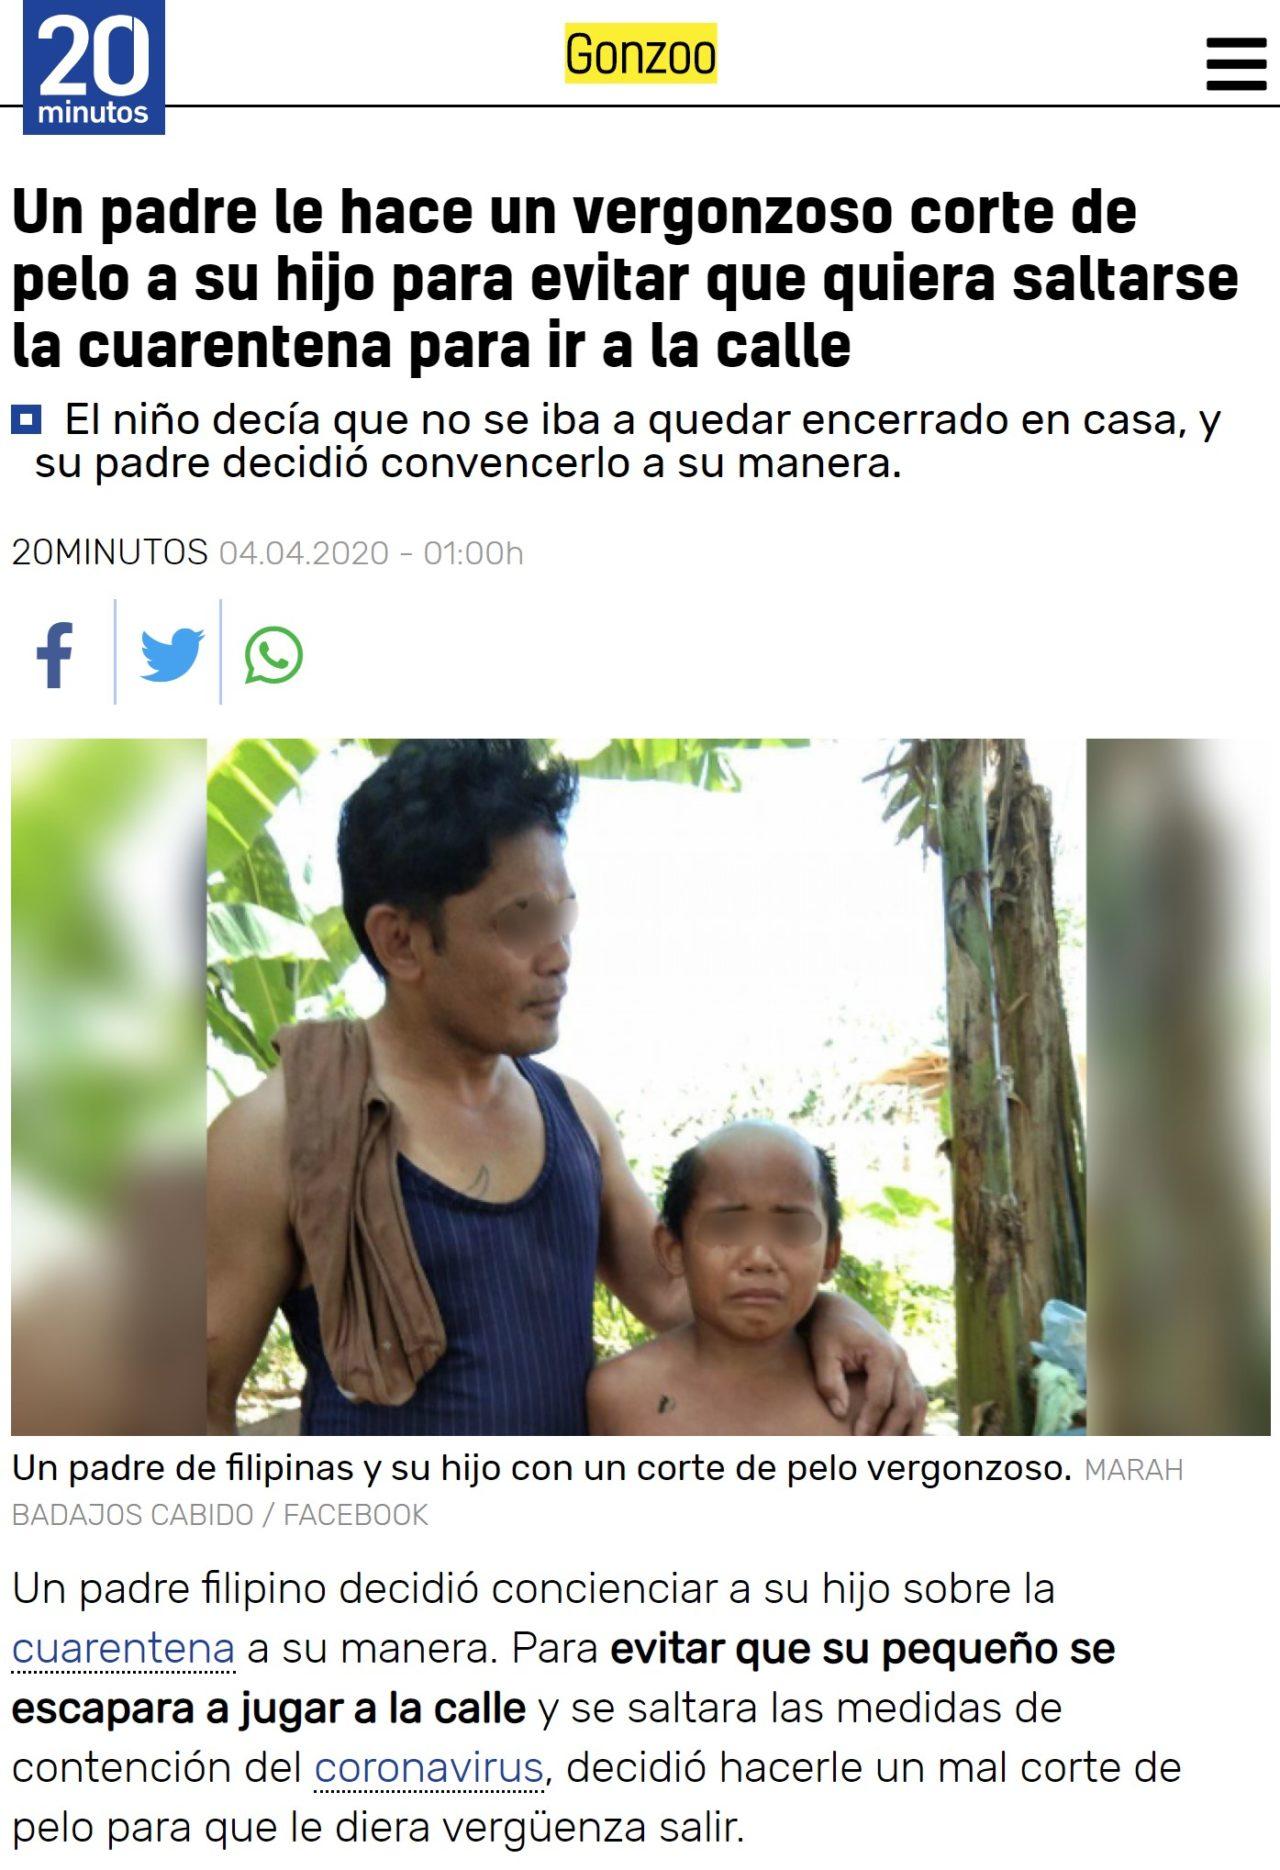 Le corta el pelo a su hijo de forma demigrante para que le de vergüenza salir a la calle y así respete la cuarentena